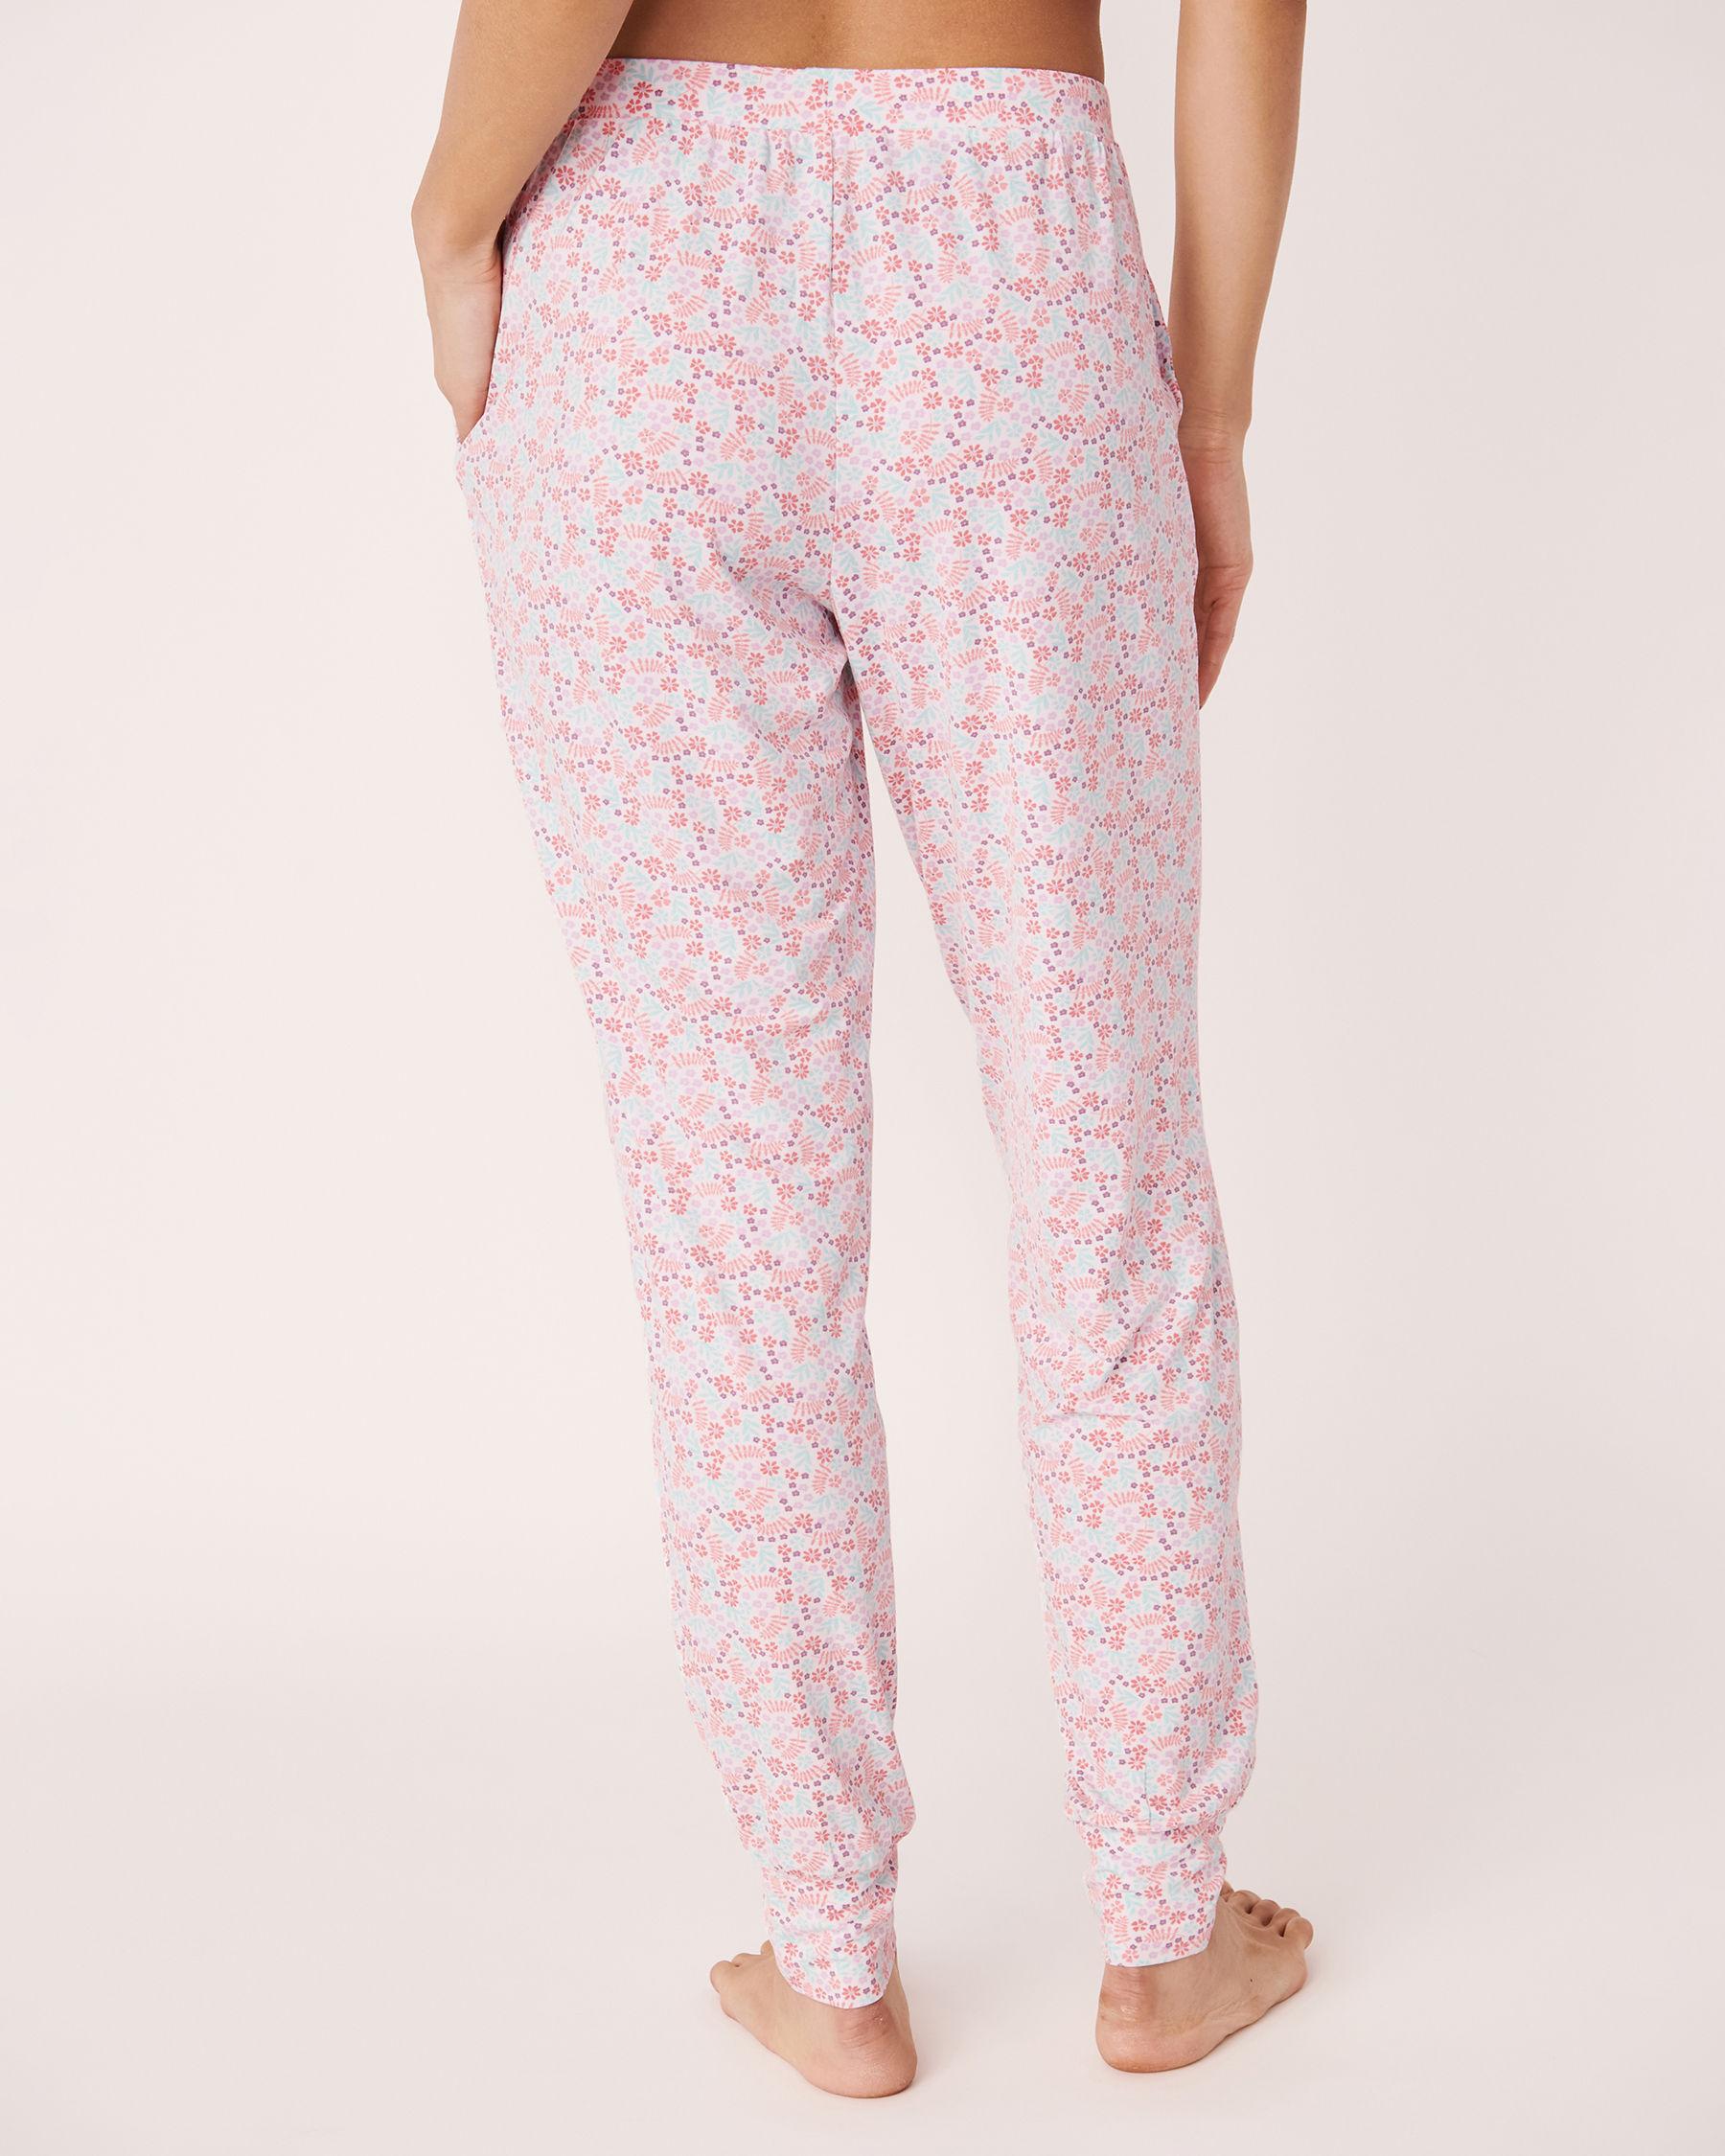 LA VIE EN ROSE Fitted Pyjama Pant Ditsy floral 40200056 - View2